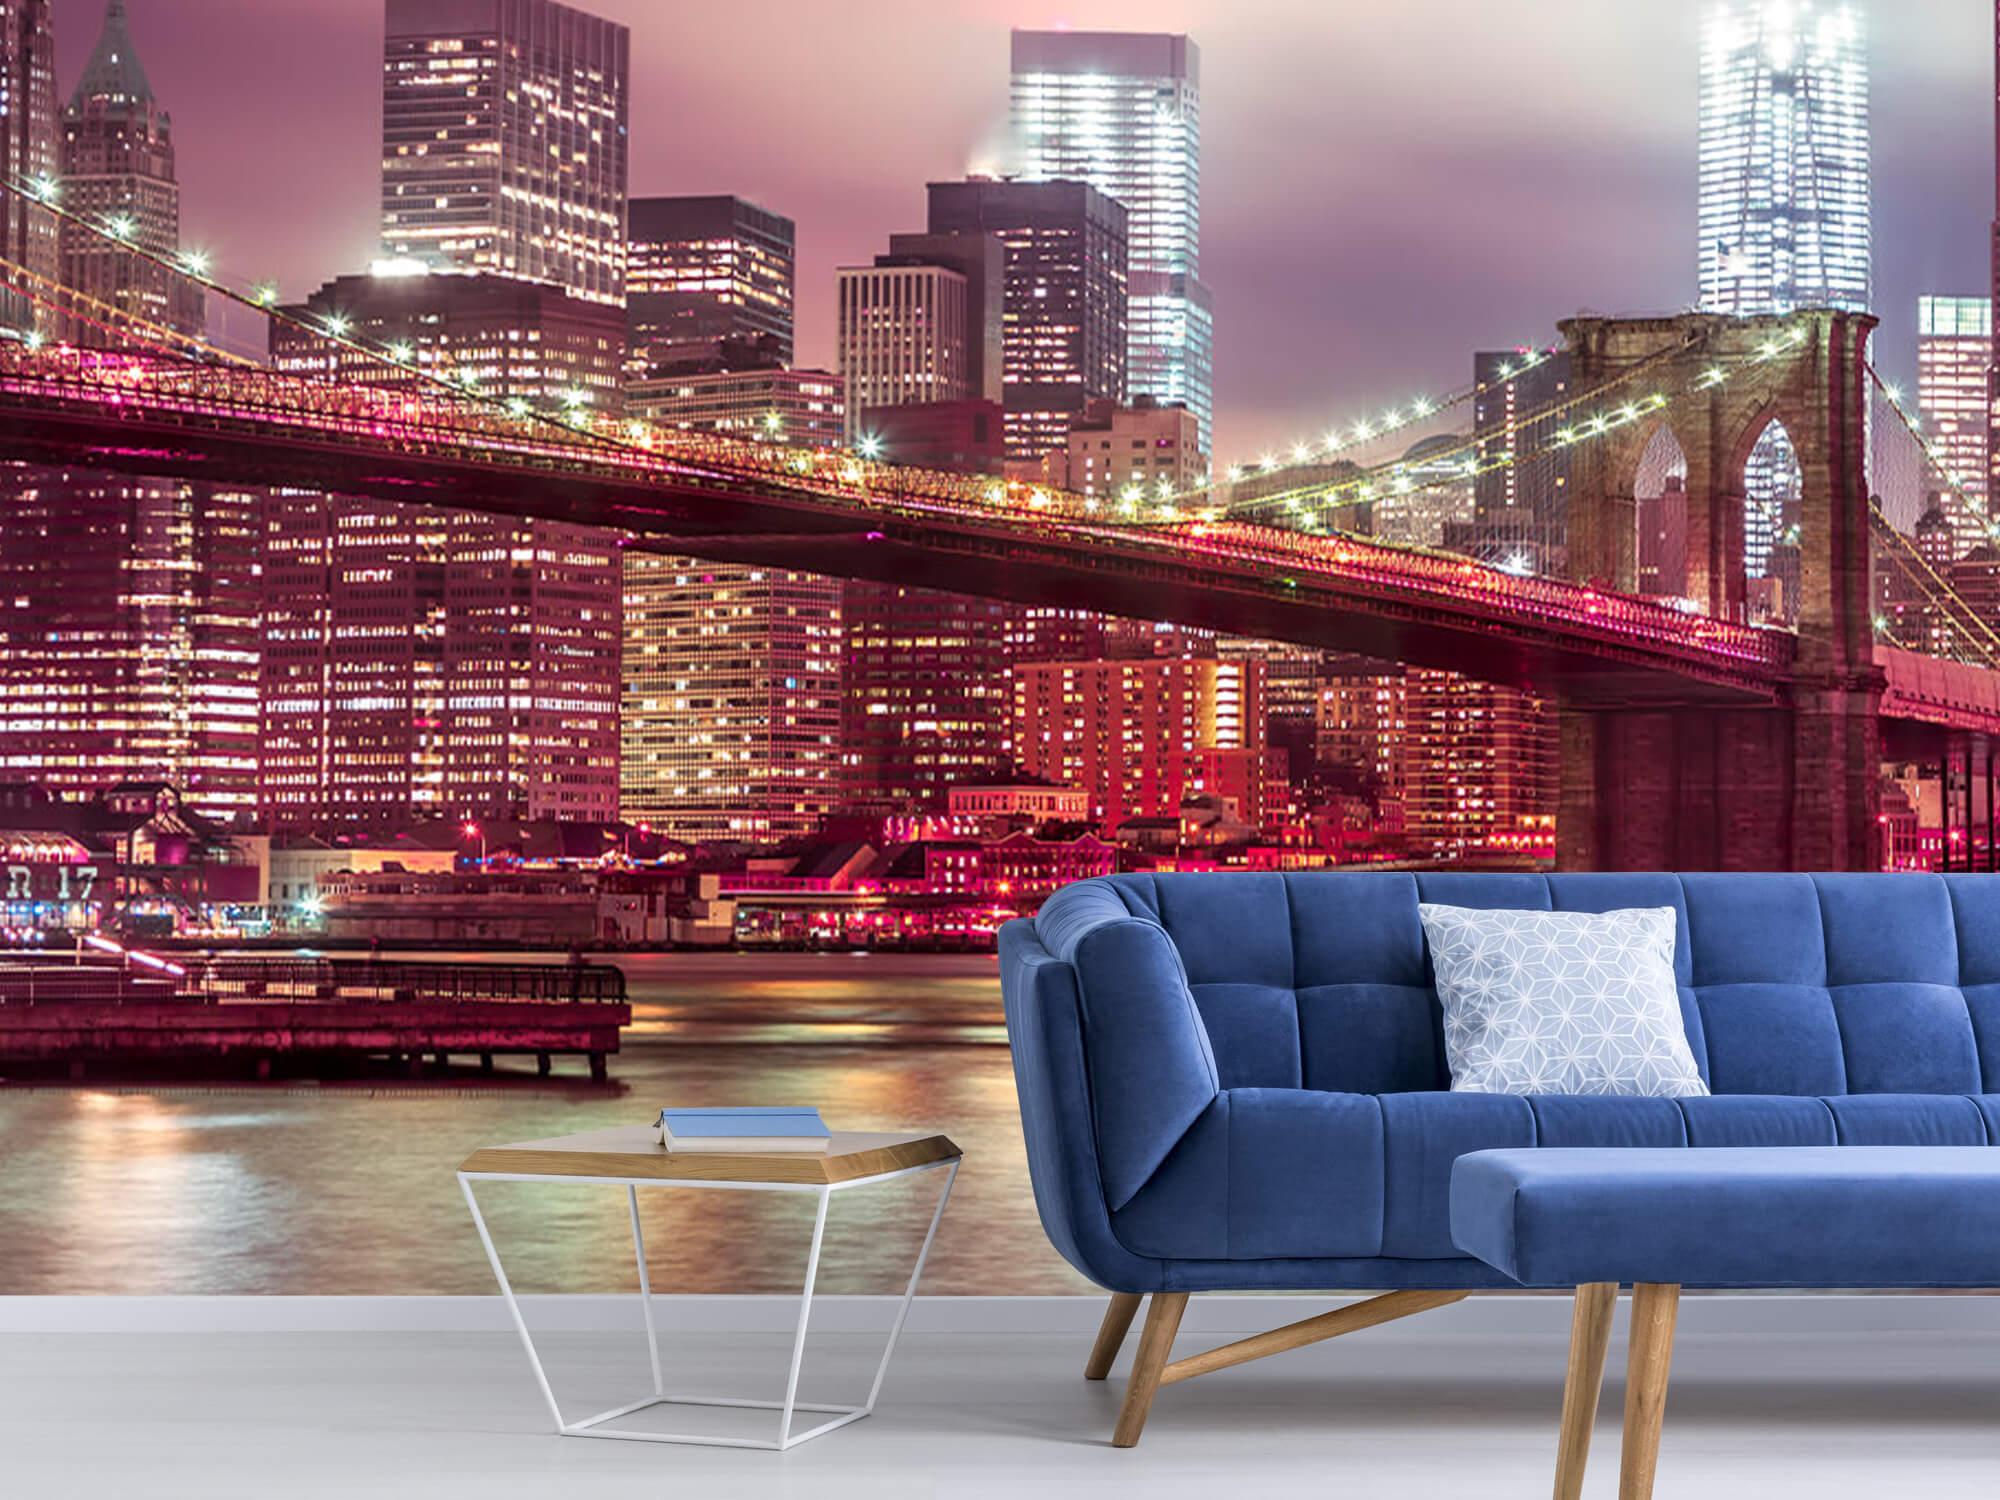 Evening in Manhattan 6